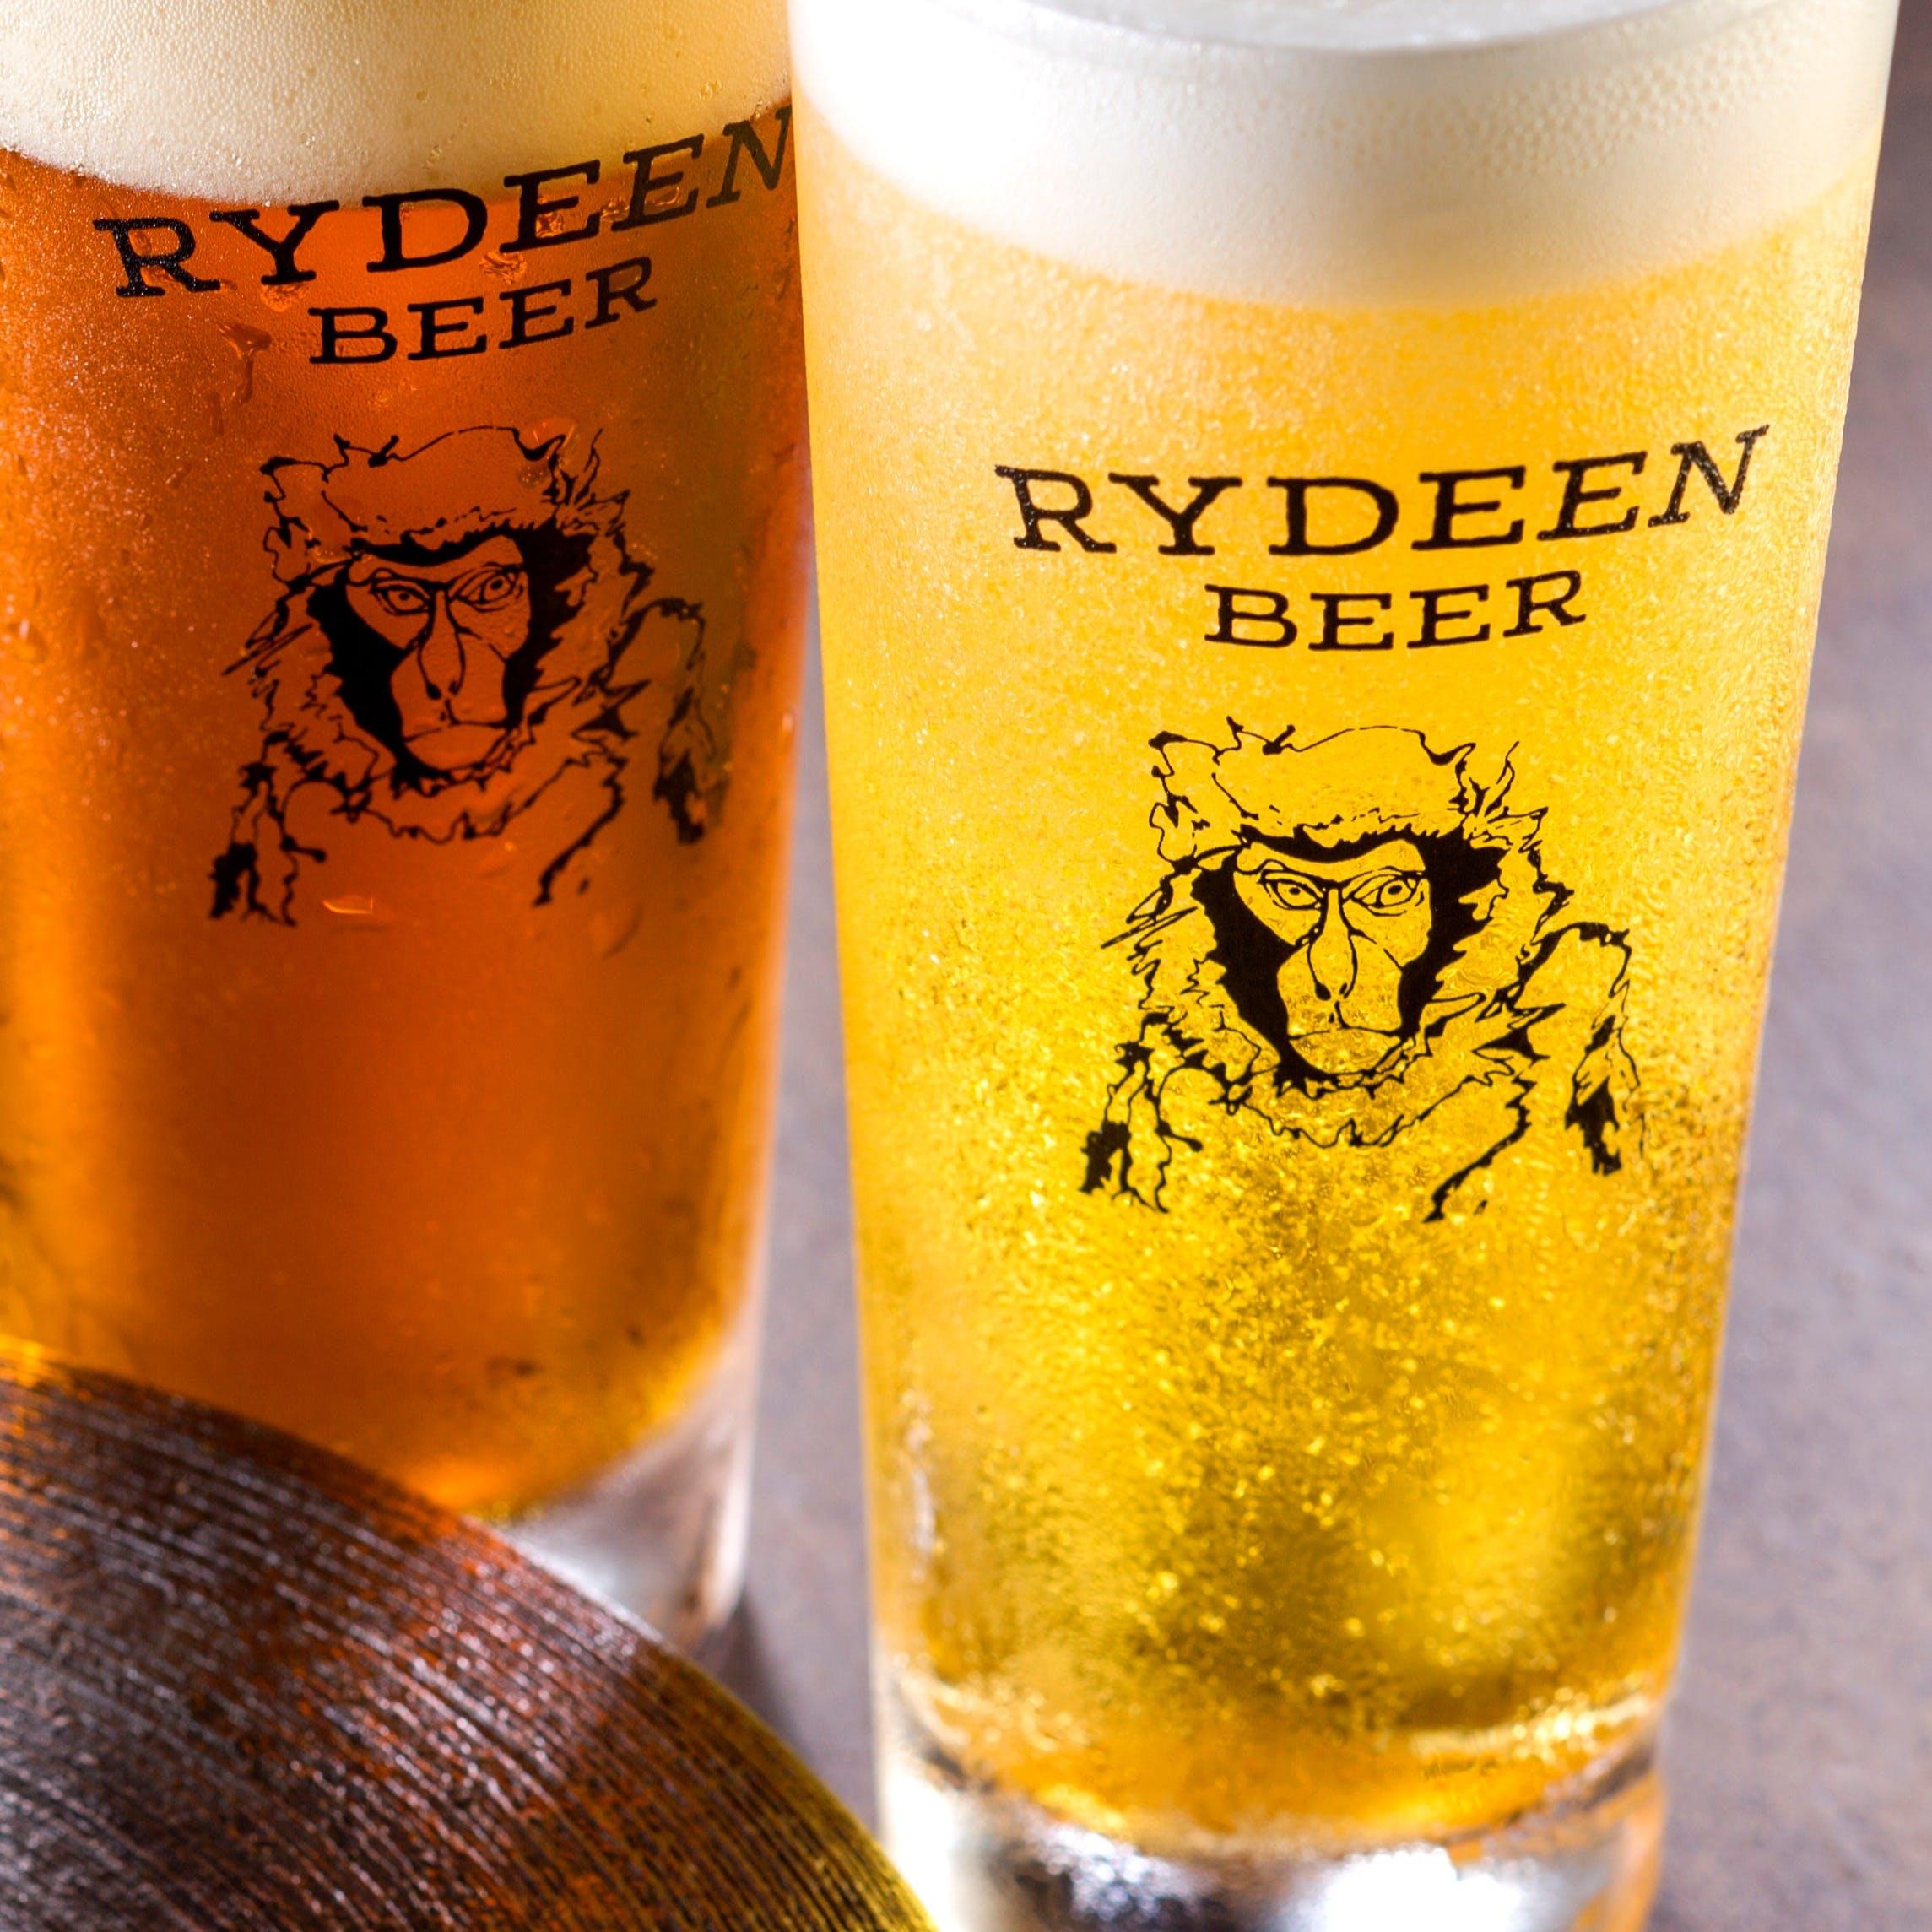 魚沼クラフトビール「RYDEEN」の生ビール全種